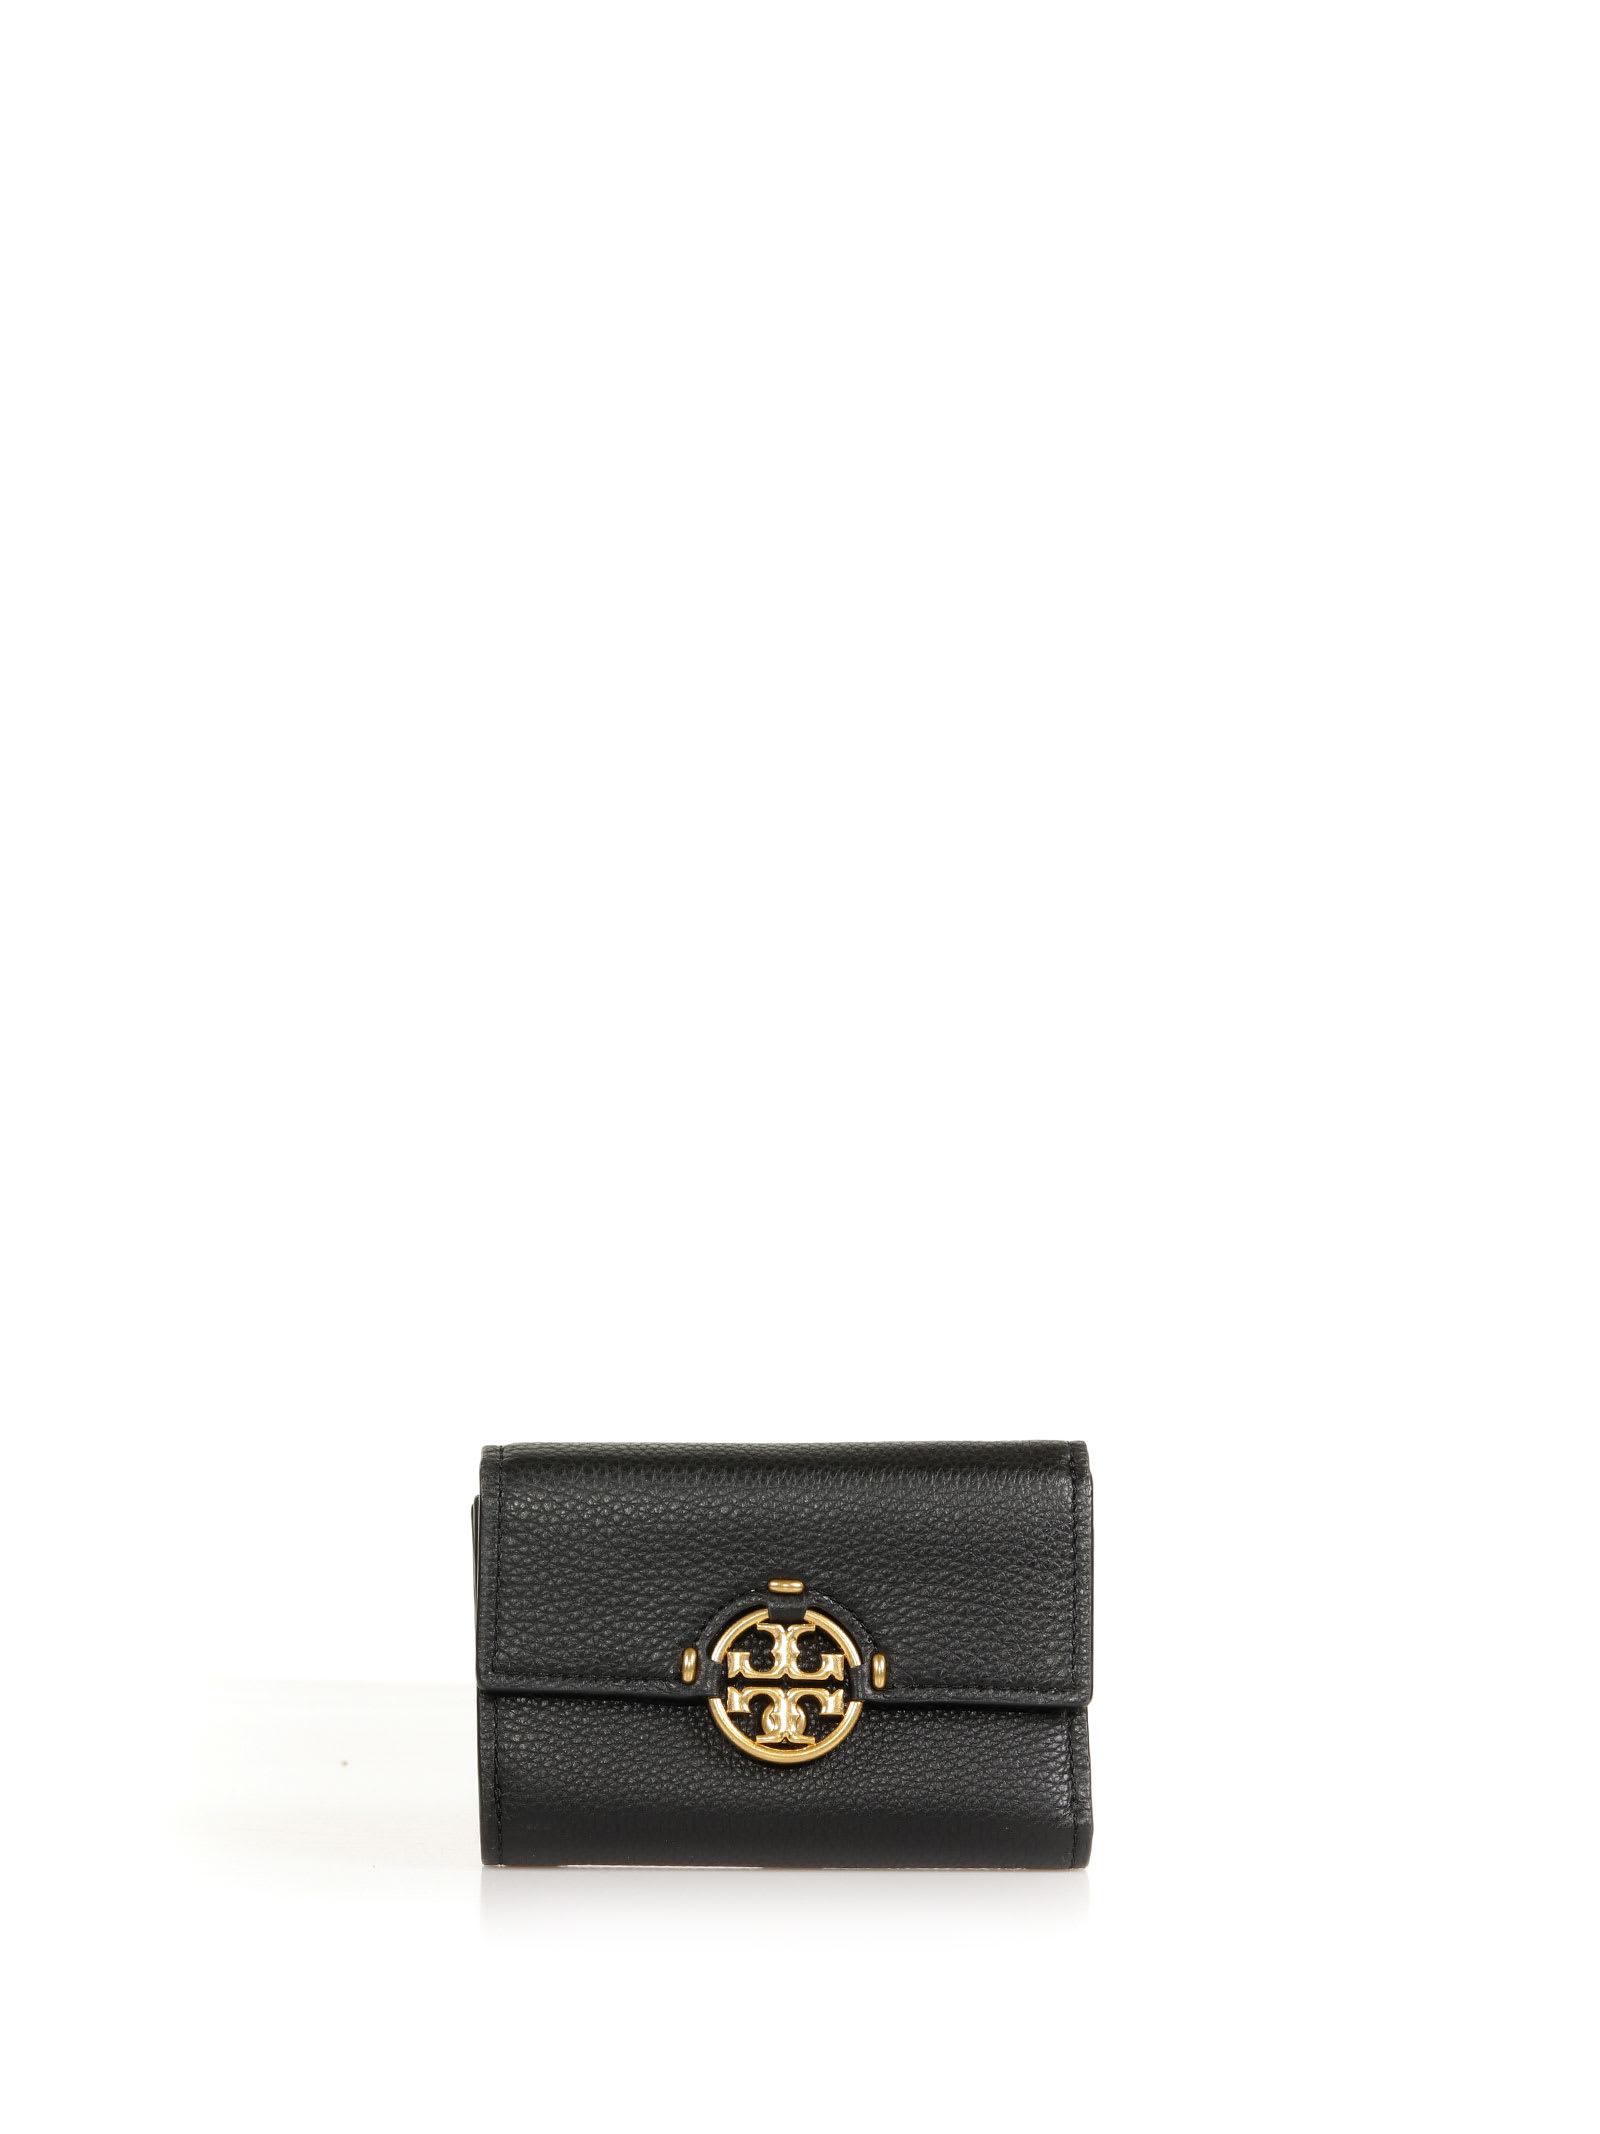 Tory Burch Miller Mini Wallet In Black